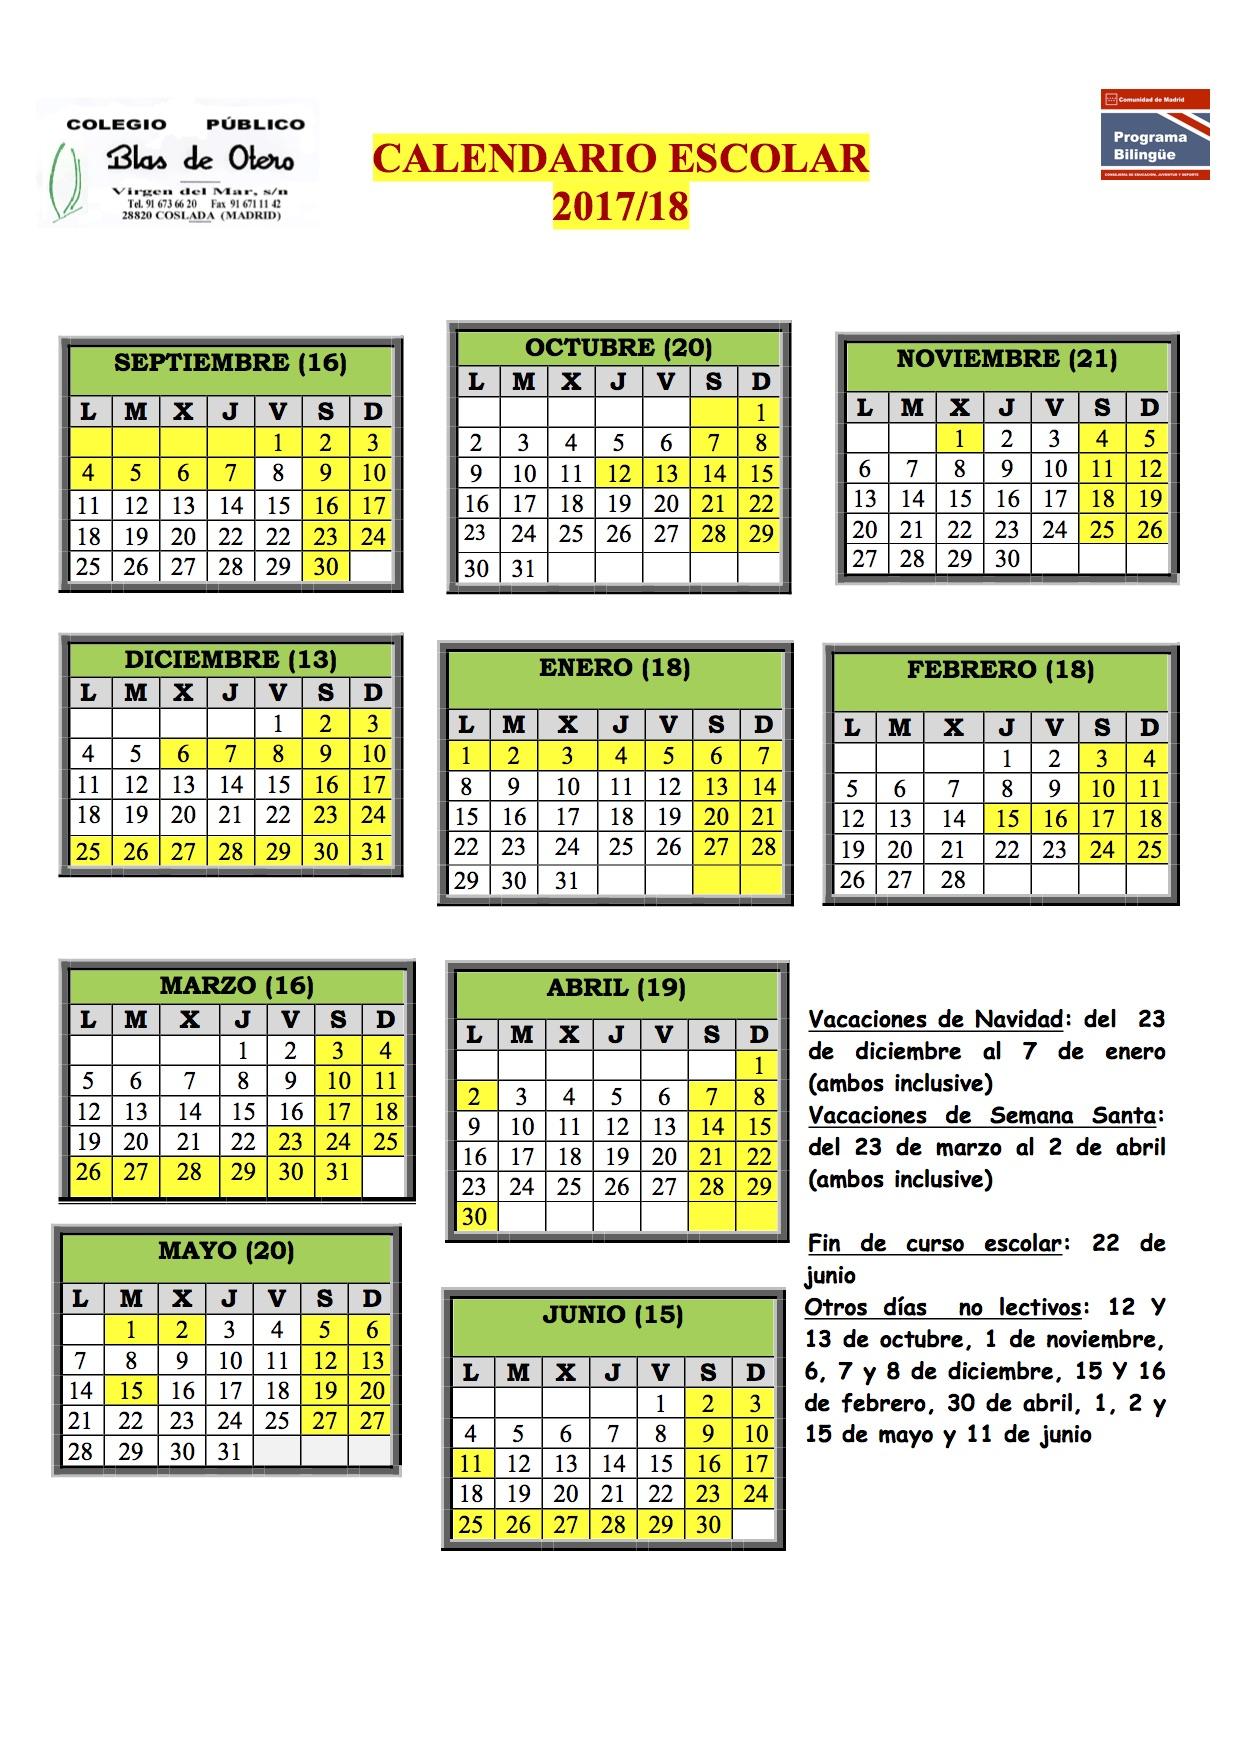 Calendario Escolar 2019 Madrid.Calendario Escolar 2017 20 18 Cp Blas De Otero